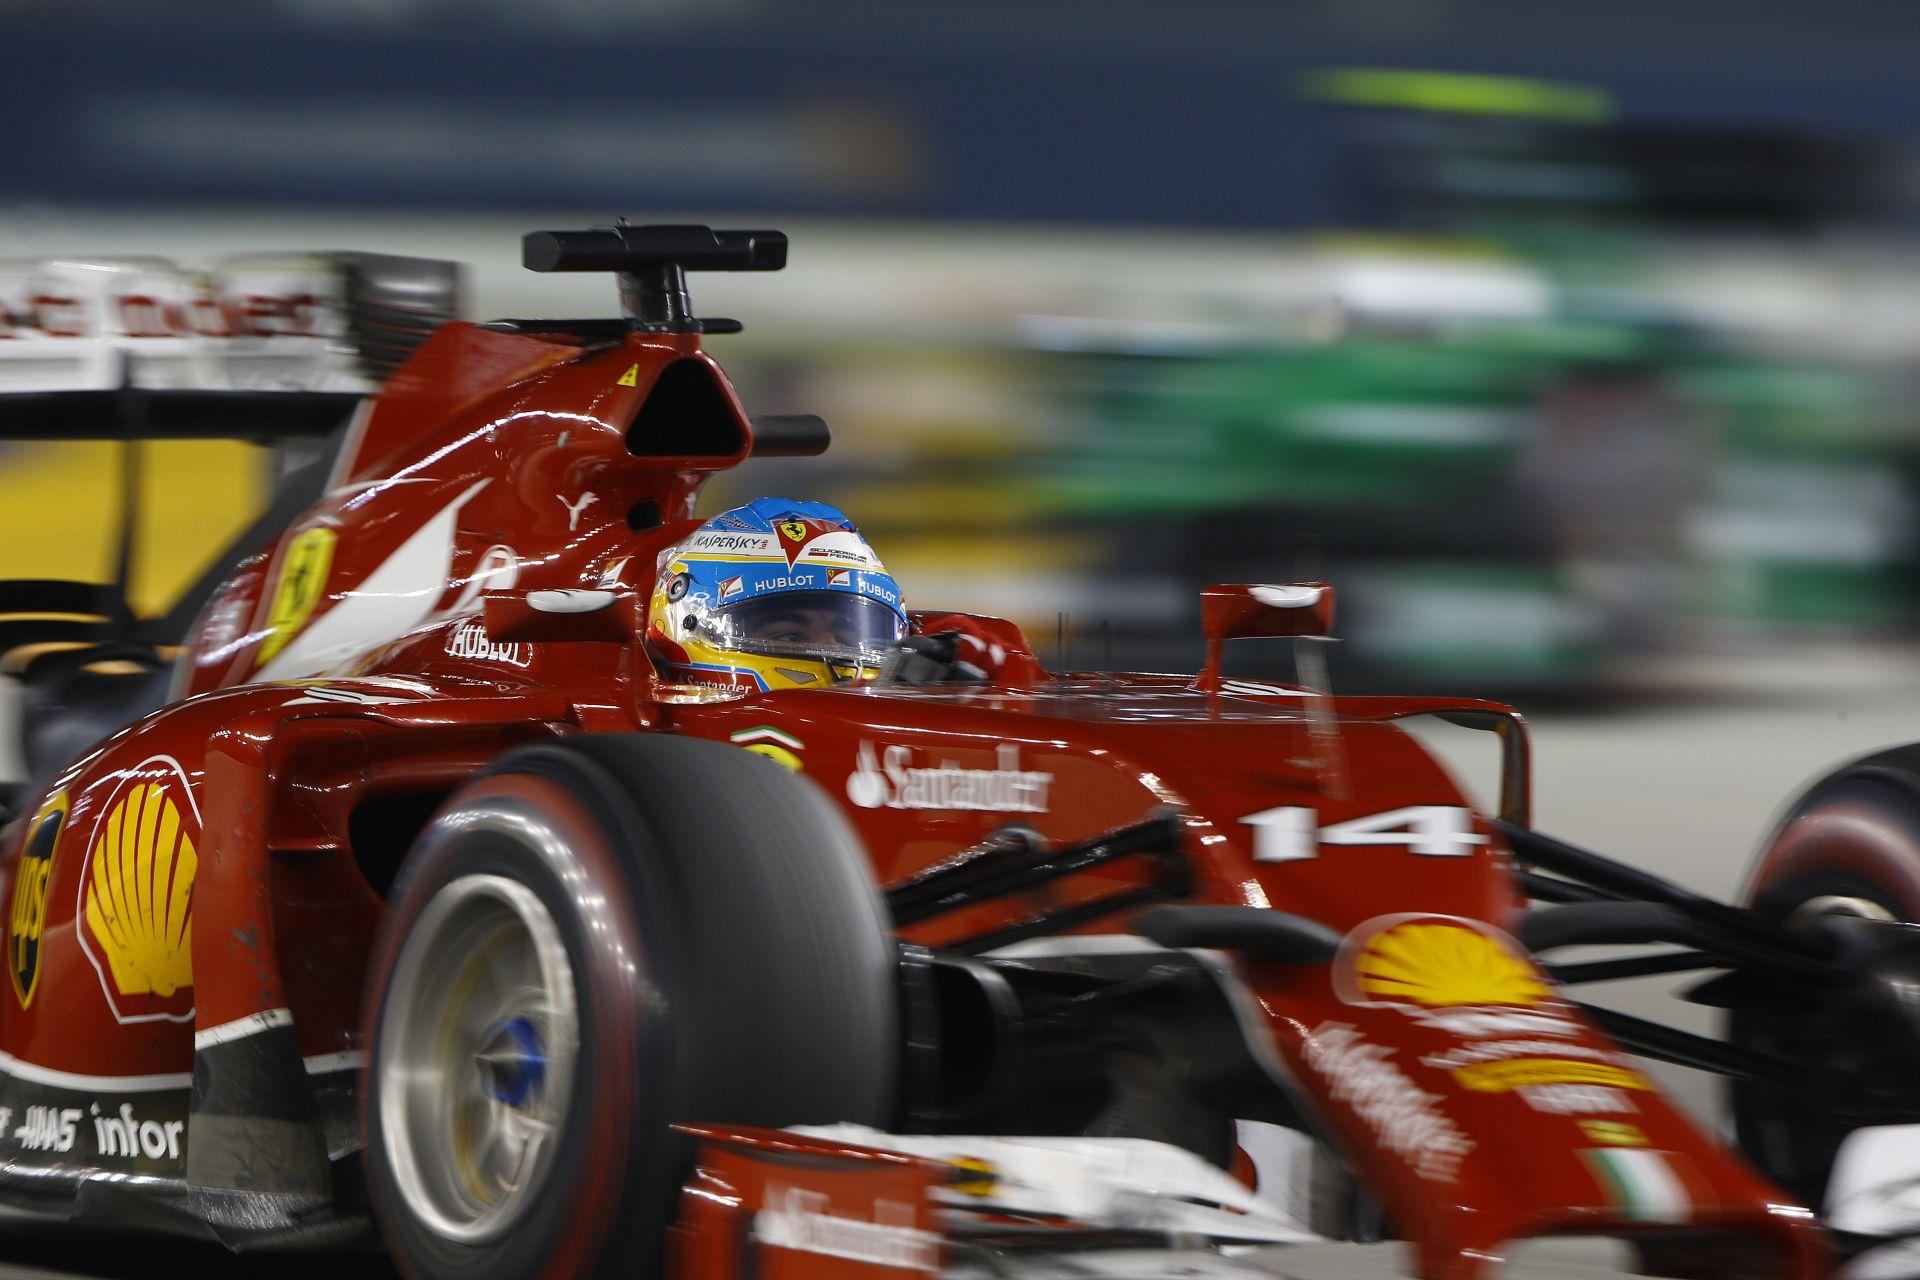 Élő F1-es műsorral jelentkezik az F1-live.hu! 18:00! ÉLŐBEN, MOST! Alonso menekül a Ferraritól? Ki kaphatja meg a helyét?